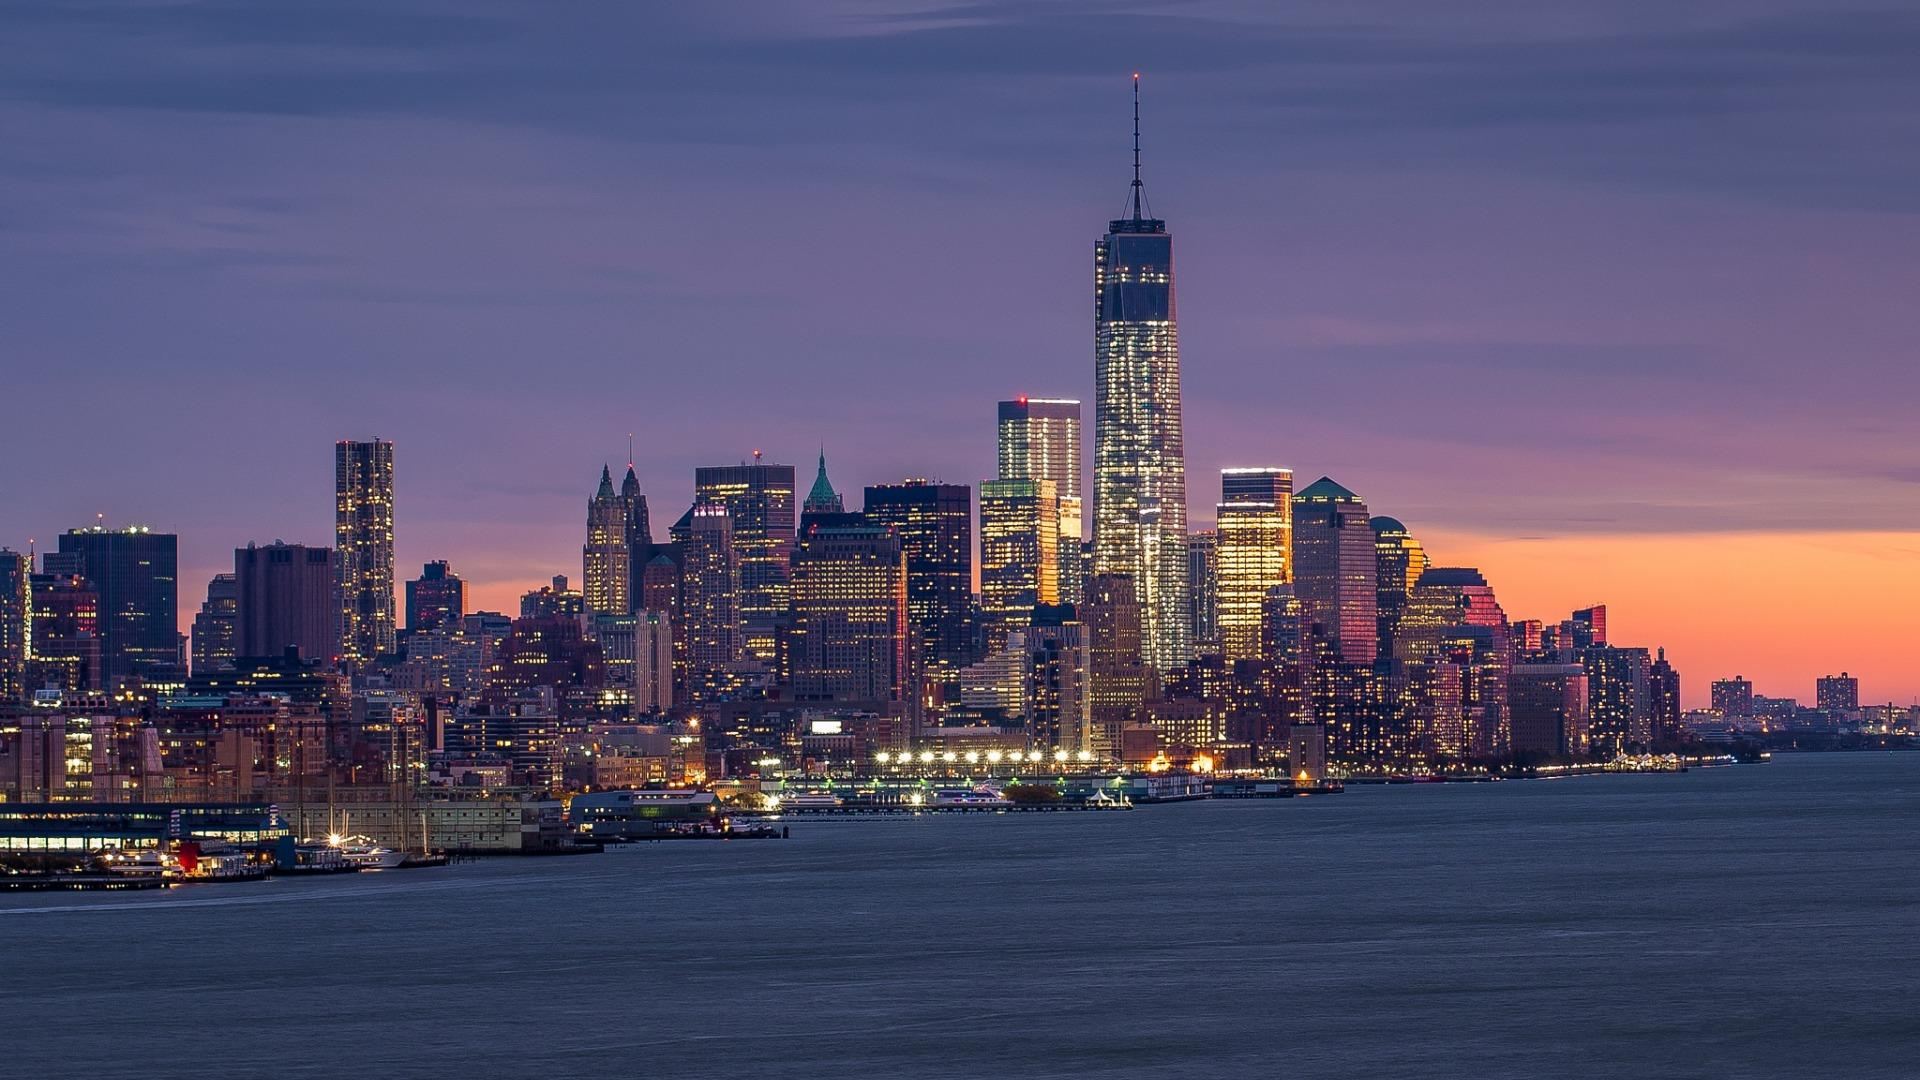 宏伟壮观的城市建筑风景高清宽屏壁纸